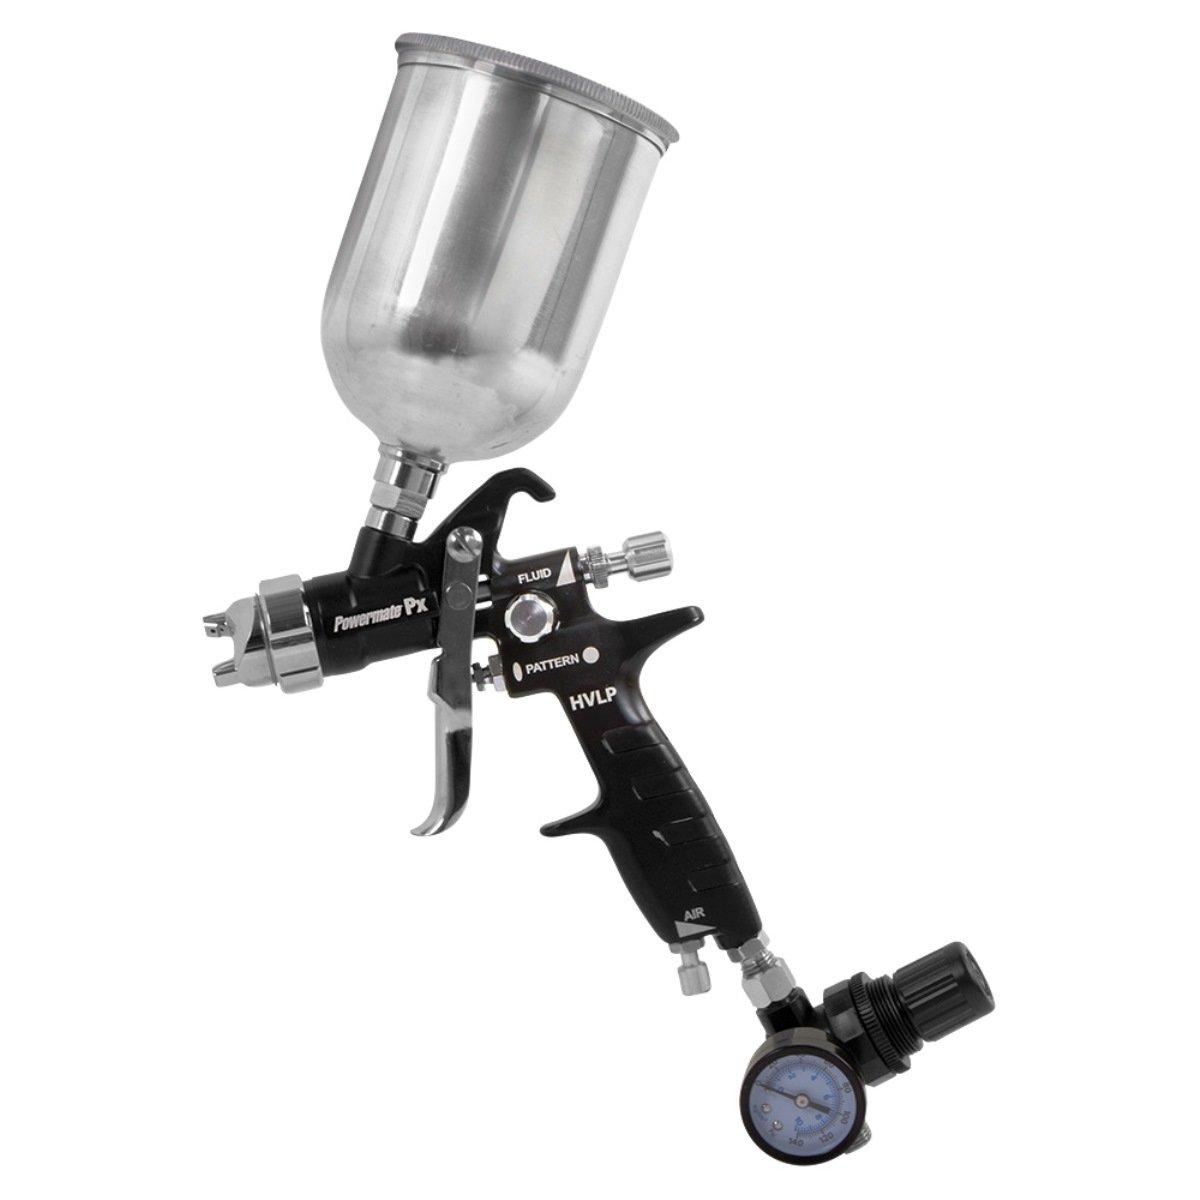 Powermate Px P010-0037SP Hlvp Gravity Feed Spray Gun